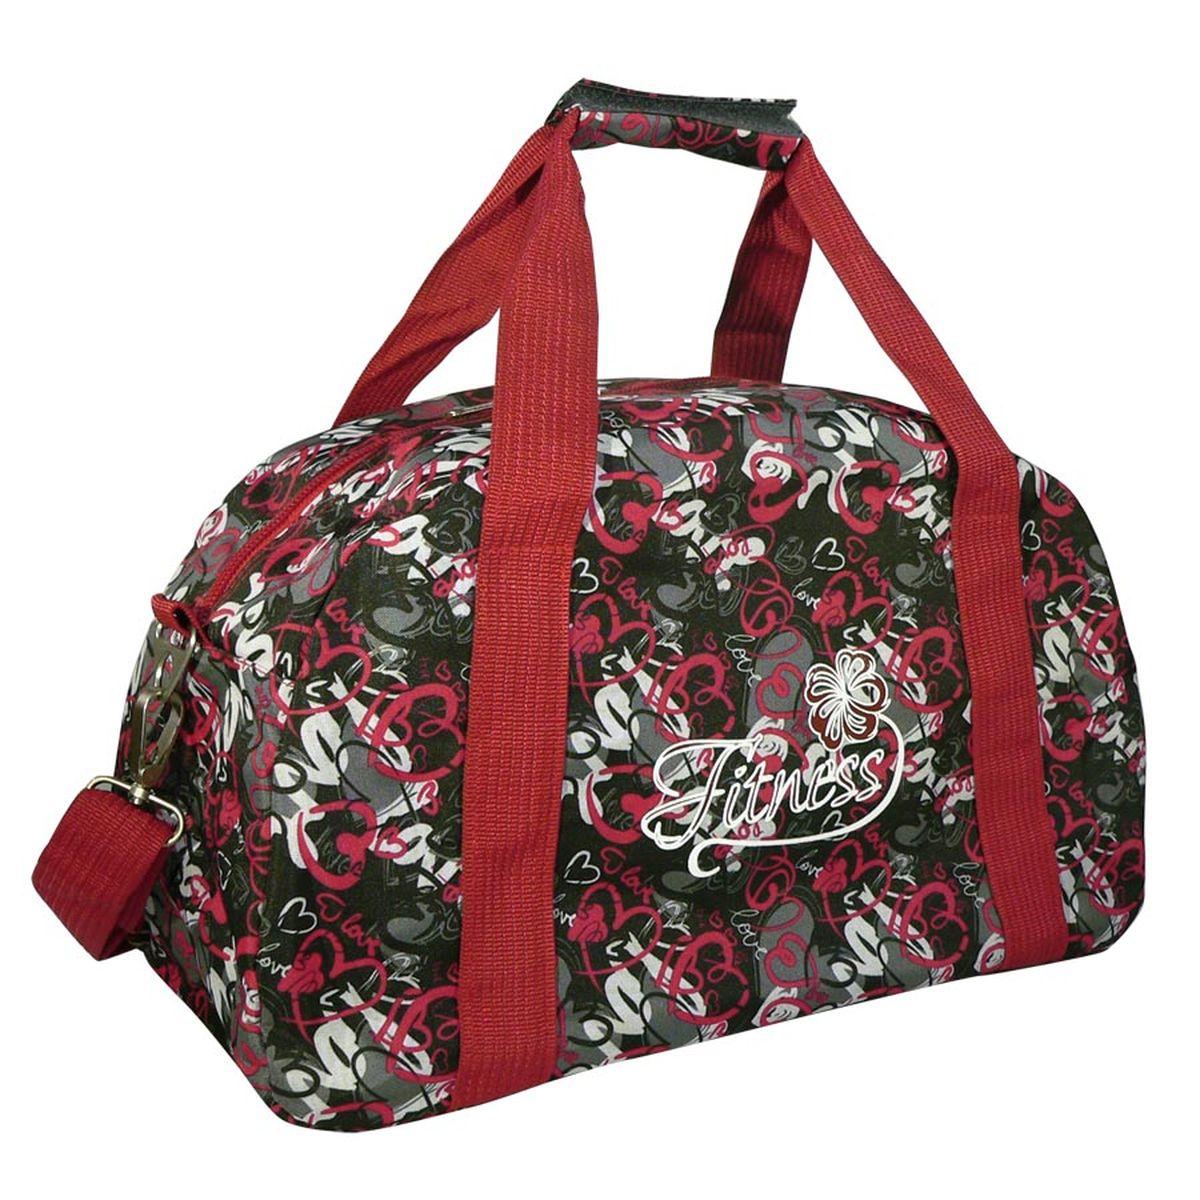 Сумка спортивная Polar, цвет: серый, красный, 20 л. 599795429-924Материал – полиэстер с водоотталкивающей пропиткой. Вместительная спортивная сумка среднего размера. Одно отделение. Карман на молнии сзади сумки. В комплект входит съемный плечевой ремень. Эта сумка идеально подойдет для спорта и отдыха. Спортивная сумка для ваших вещей.